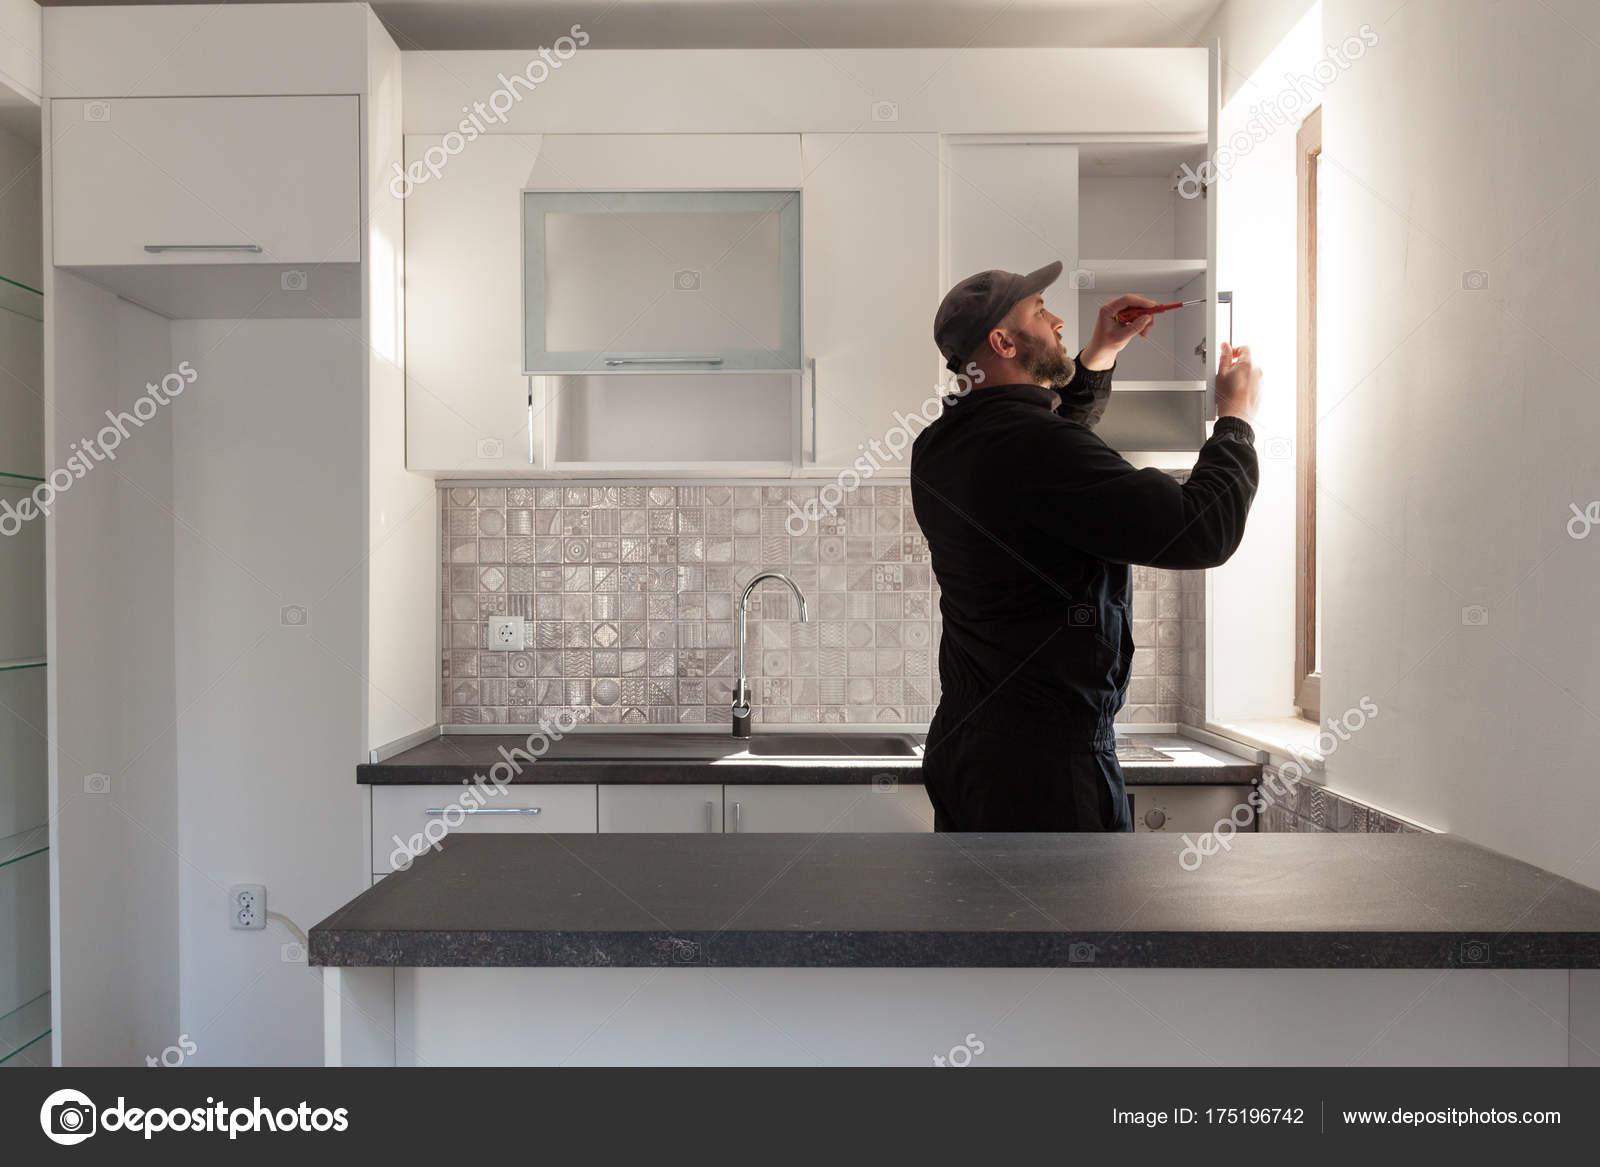 Tischler arbeiten an neuen Küche. Handwerker, die Befestigung einer ...